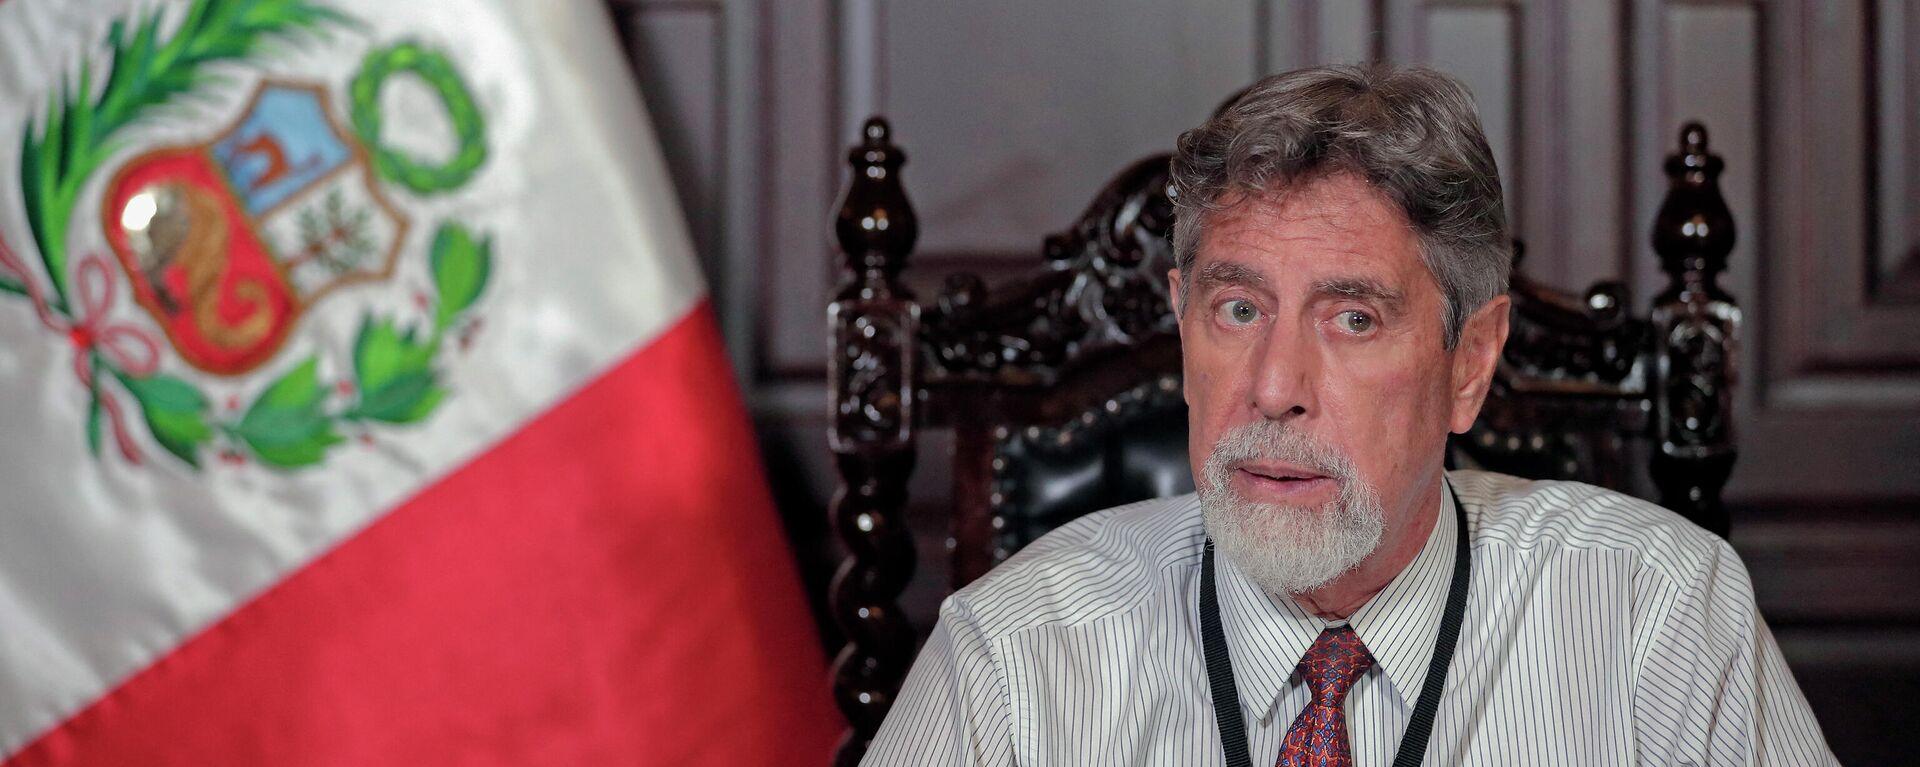 Francisco Sagasti, presidente de Perú - Sputnik Mundo, 1920, 08.07.2021